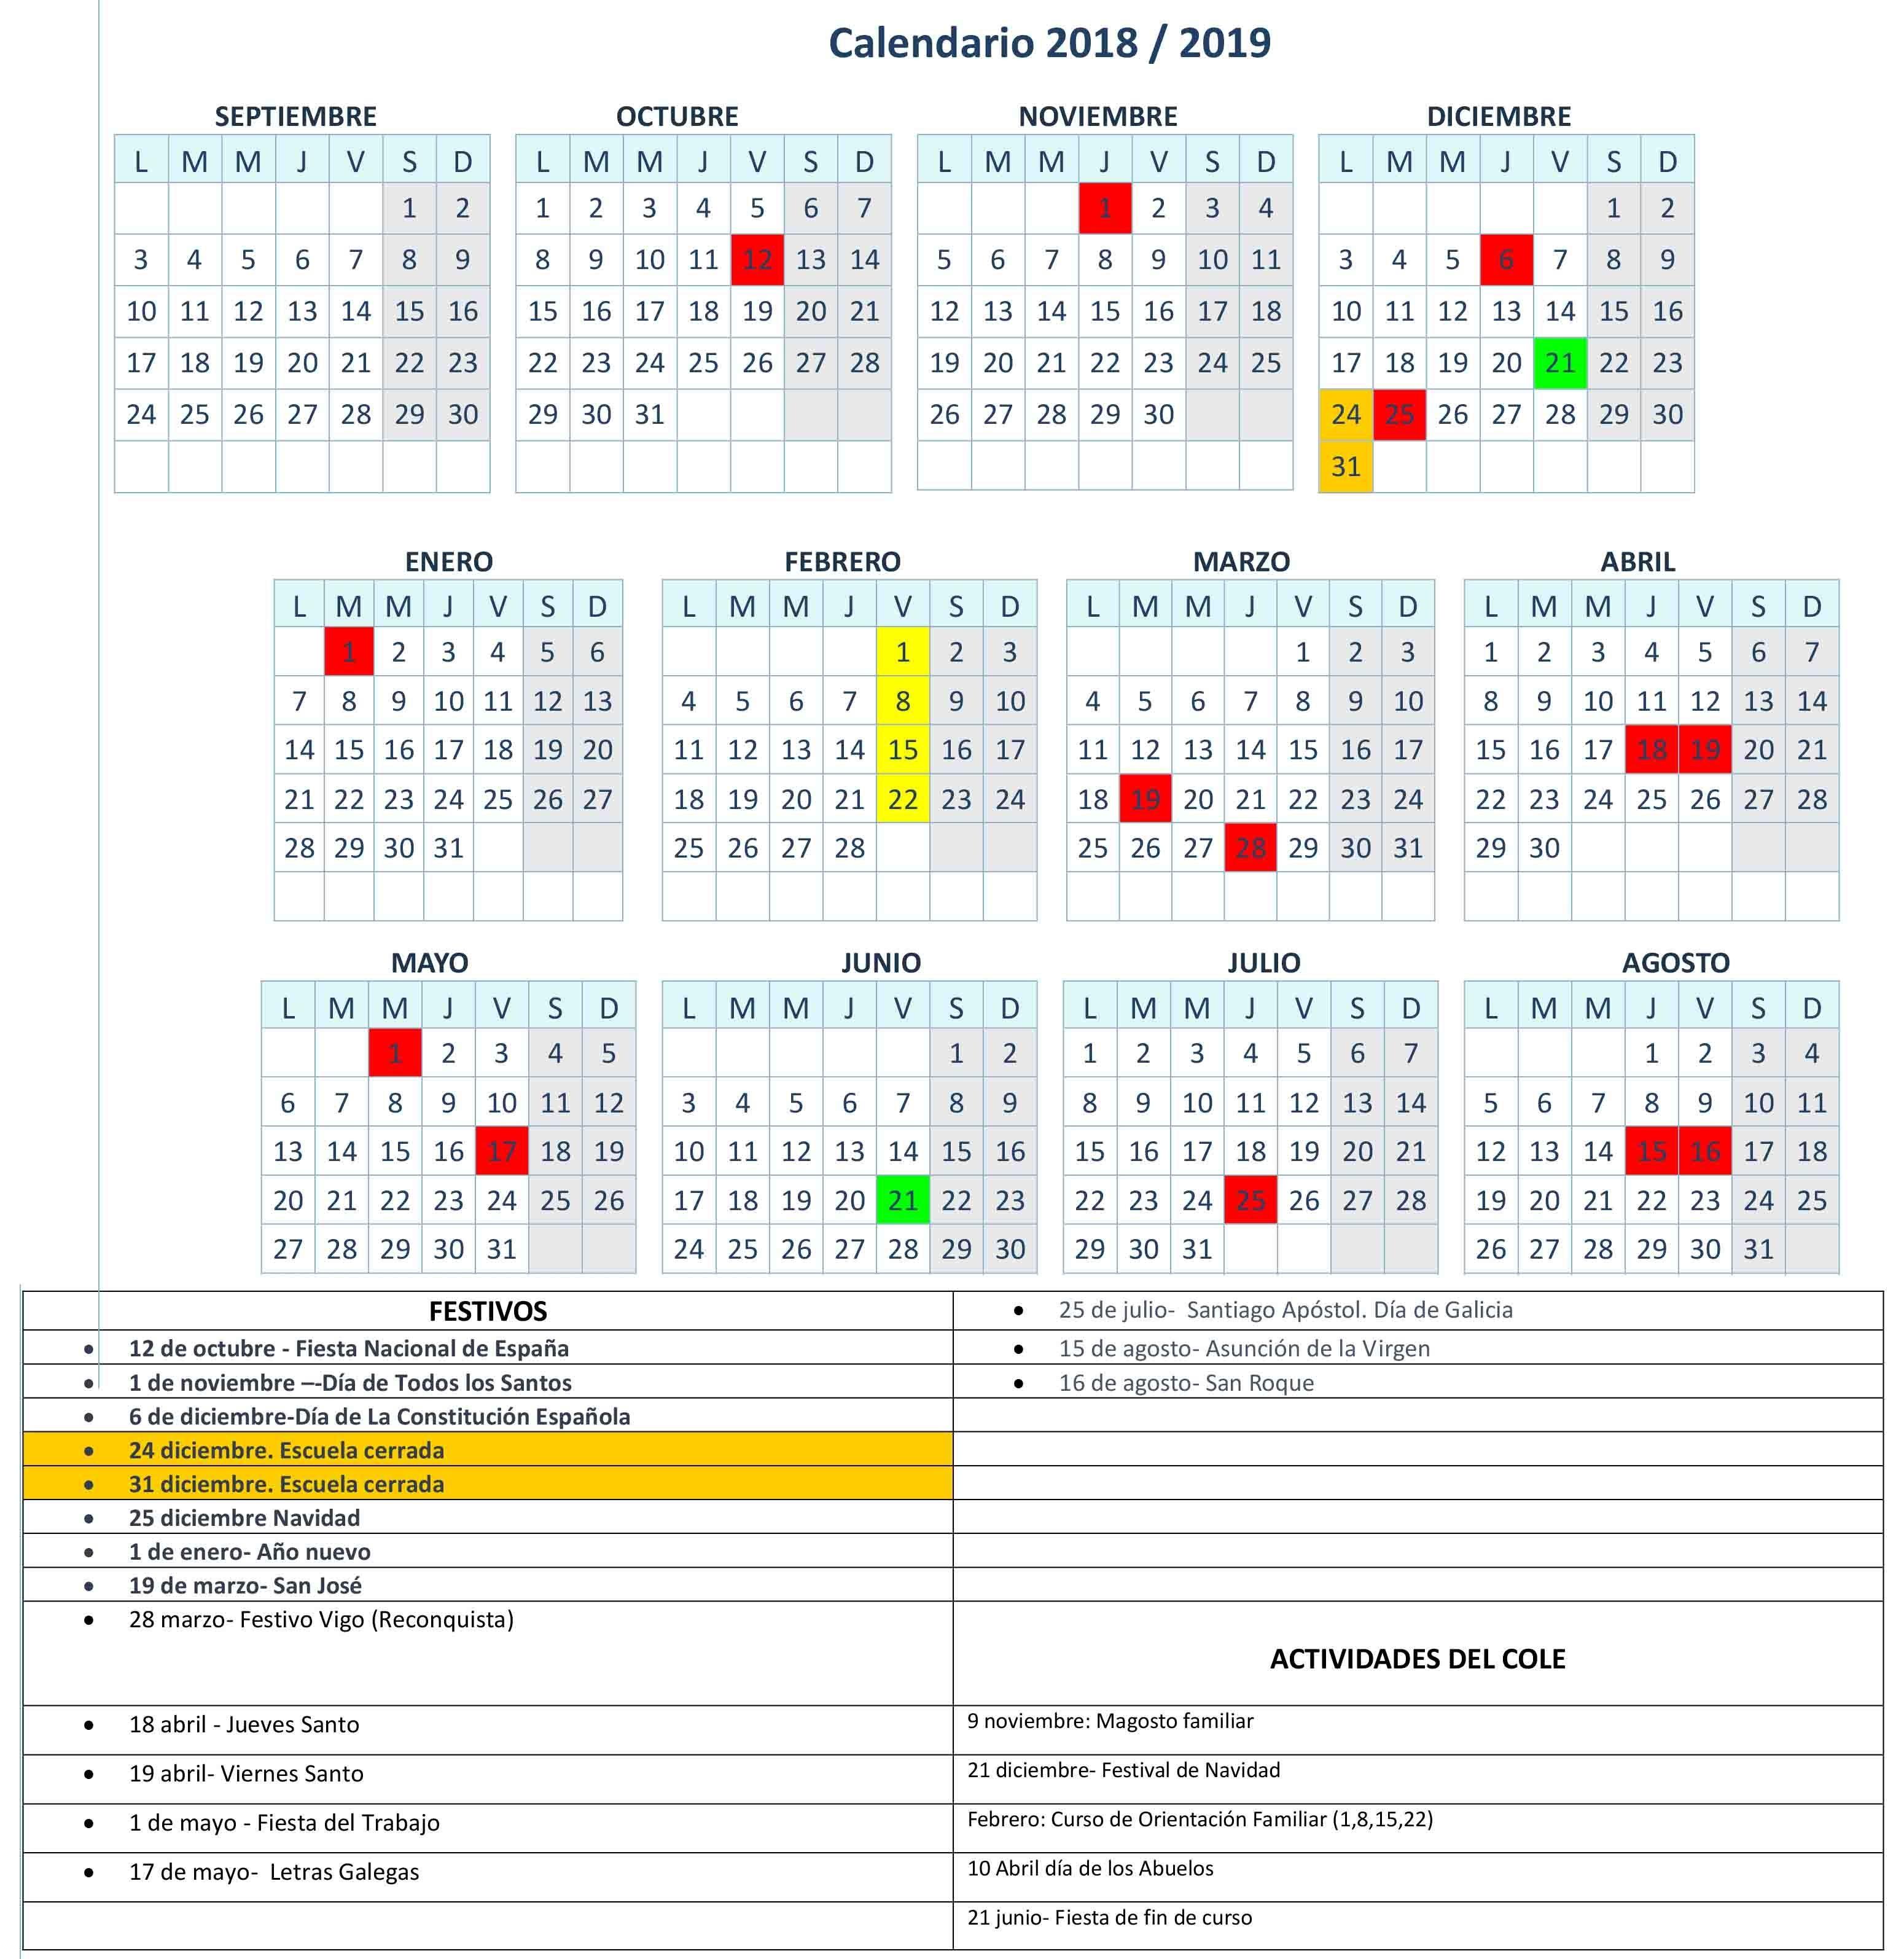 Imprimir Calendario Laboral Madrid 2019 Más Recientes Calendario De Meses De Embarazo Of Imprimir Calendario Laboral Madrid 2019 Más Caliente El Mundo 06 04 2018